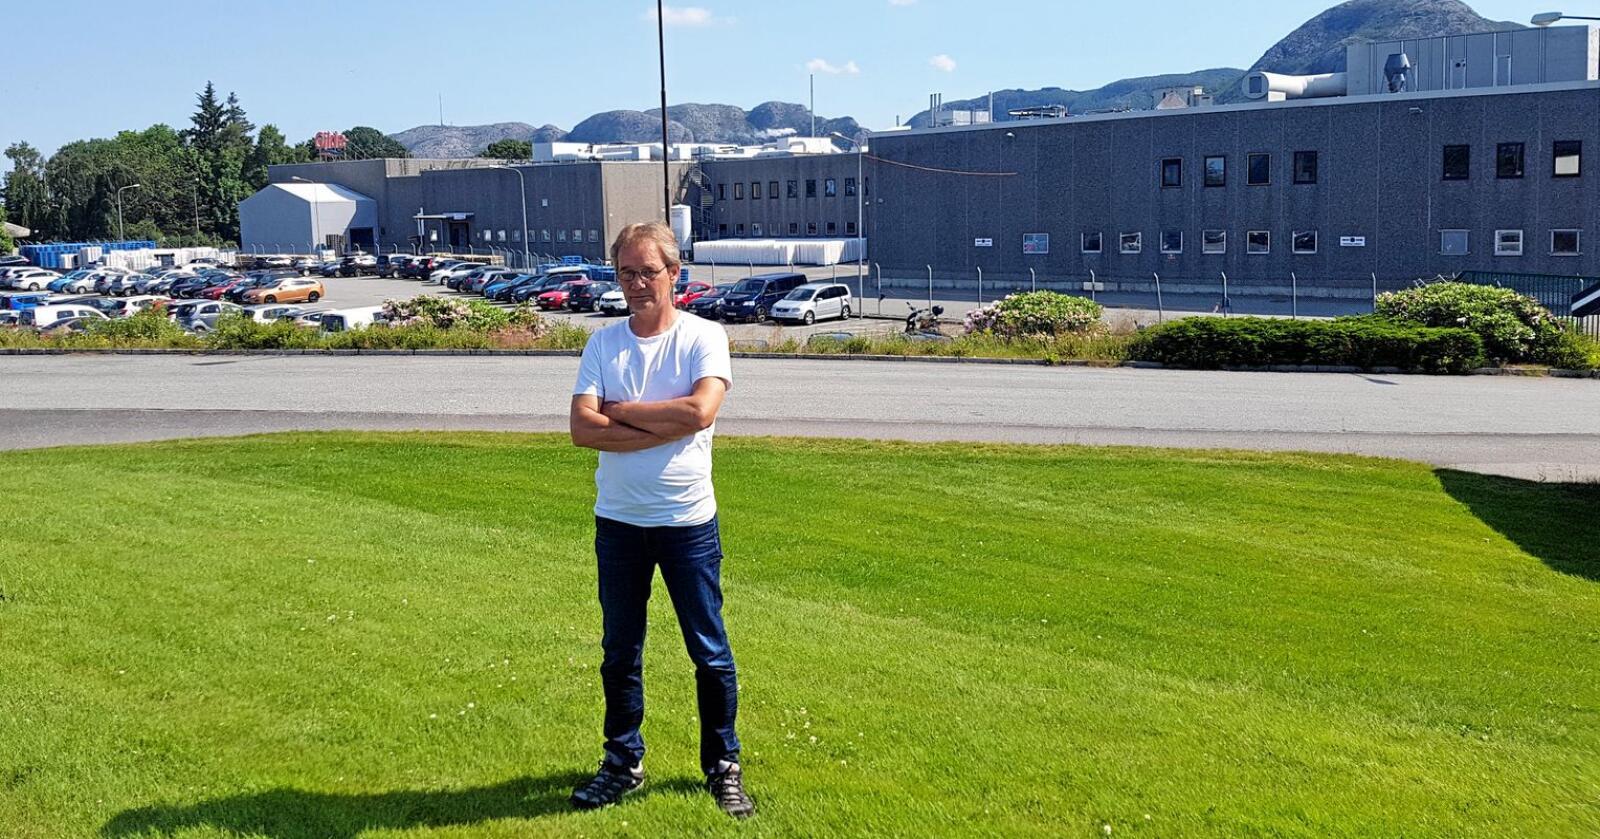 Nedleggingstruga: Planane til Nortura kan ramme over 600 arbeidsplassar berre i region vest, ifølgje Ken Ove Sletthaug. Han er hovudtillitsvald i region vest og klubbleiar ved Nortura Forus, som er eitt av anlegga som er nedleggingstruga. Foto: Privat